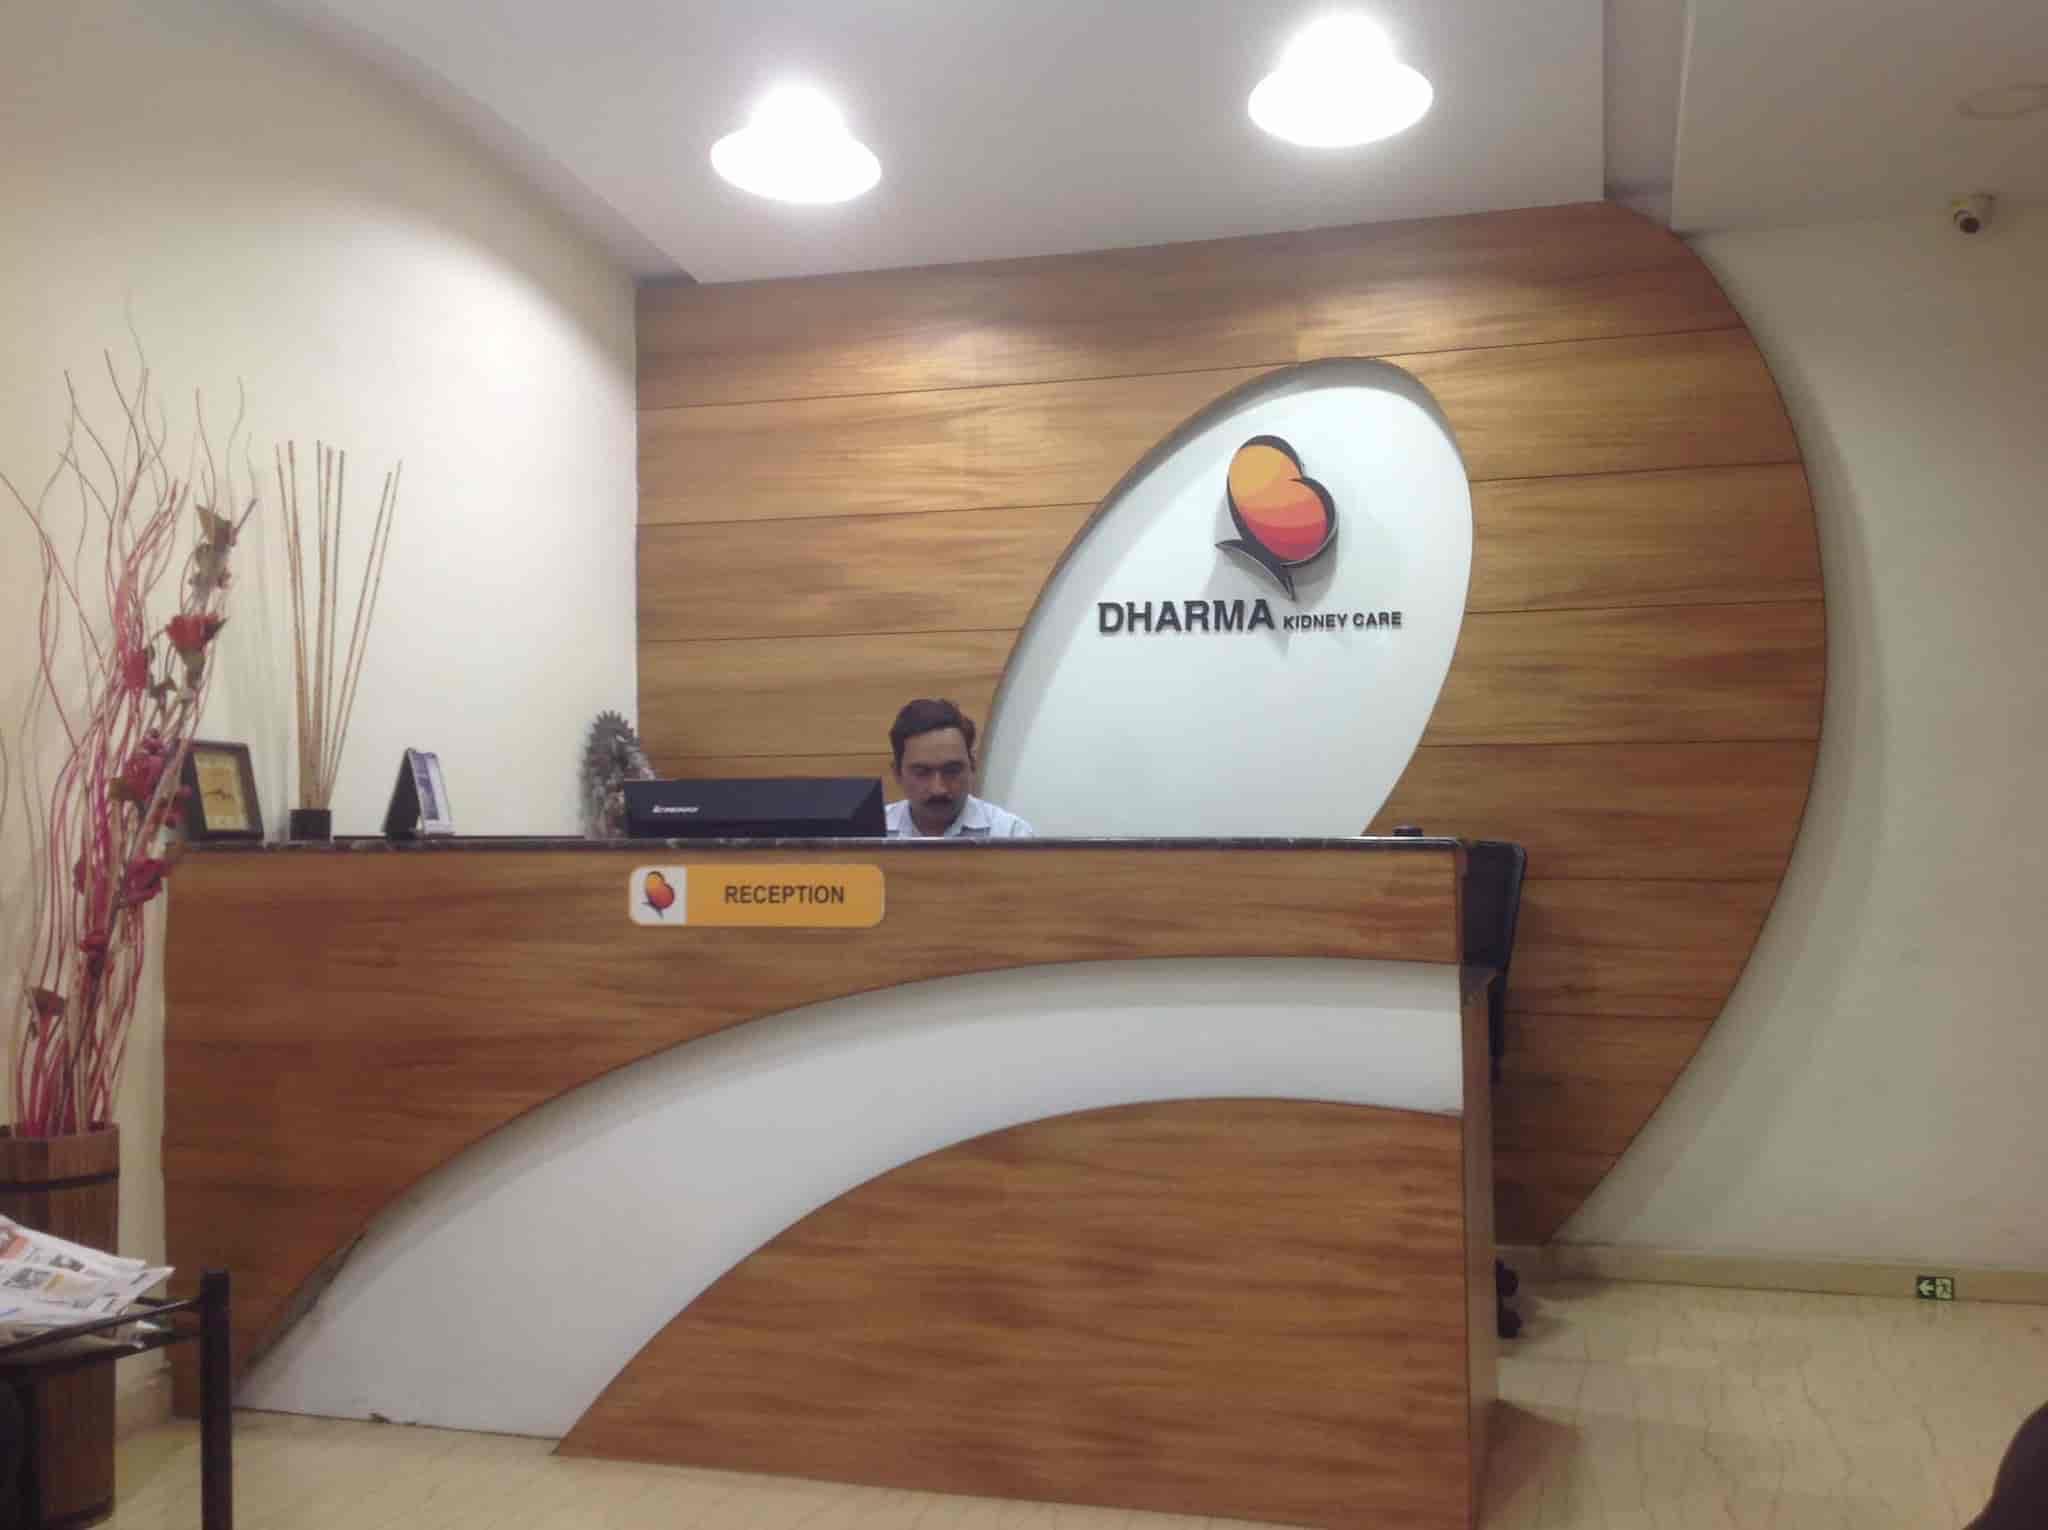 Dharma-hospital-banglore-india-impact-guru